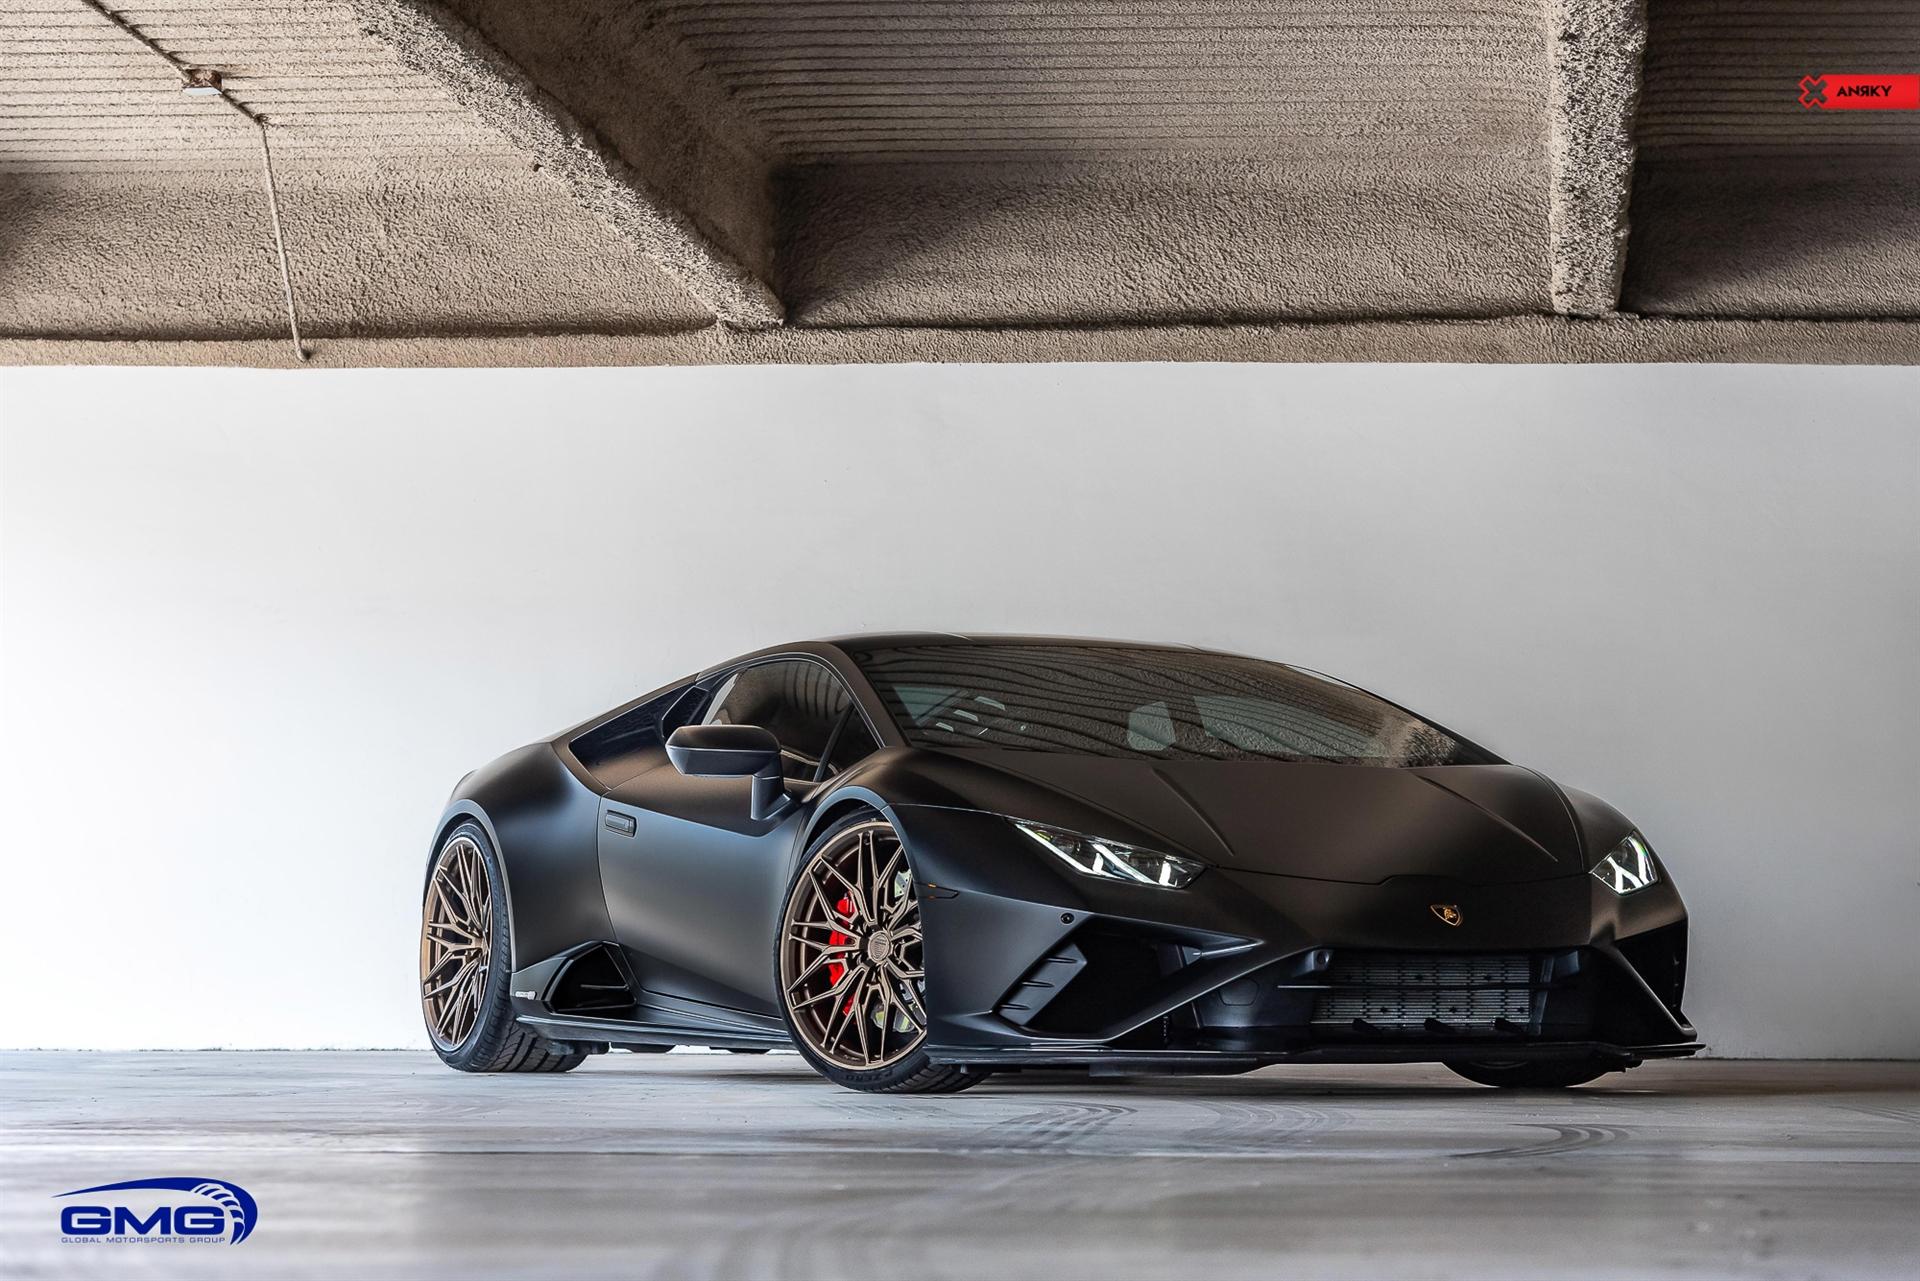 Lamborghini Huracan Evo – X|Series S1-X1